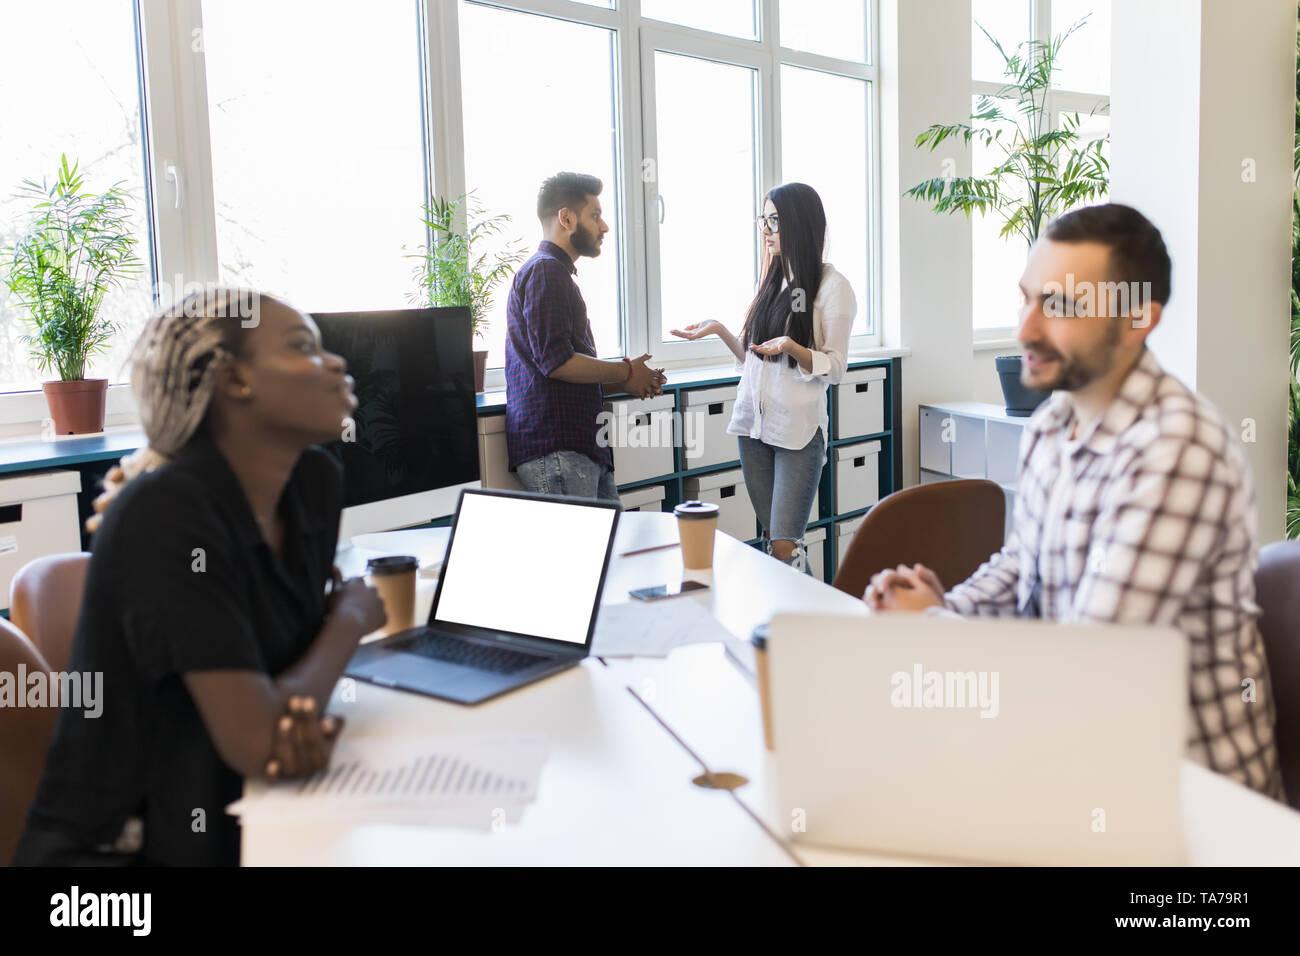 Divers collègues assis en cercle, en parlant à la formation d'affaires avec l'entraîneur de l'équipe multiraciale, employés de discuter la stratégie d'entreprise, idées, impliquer Banque D'Images